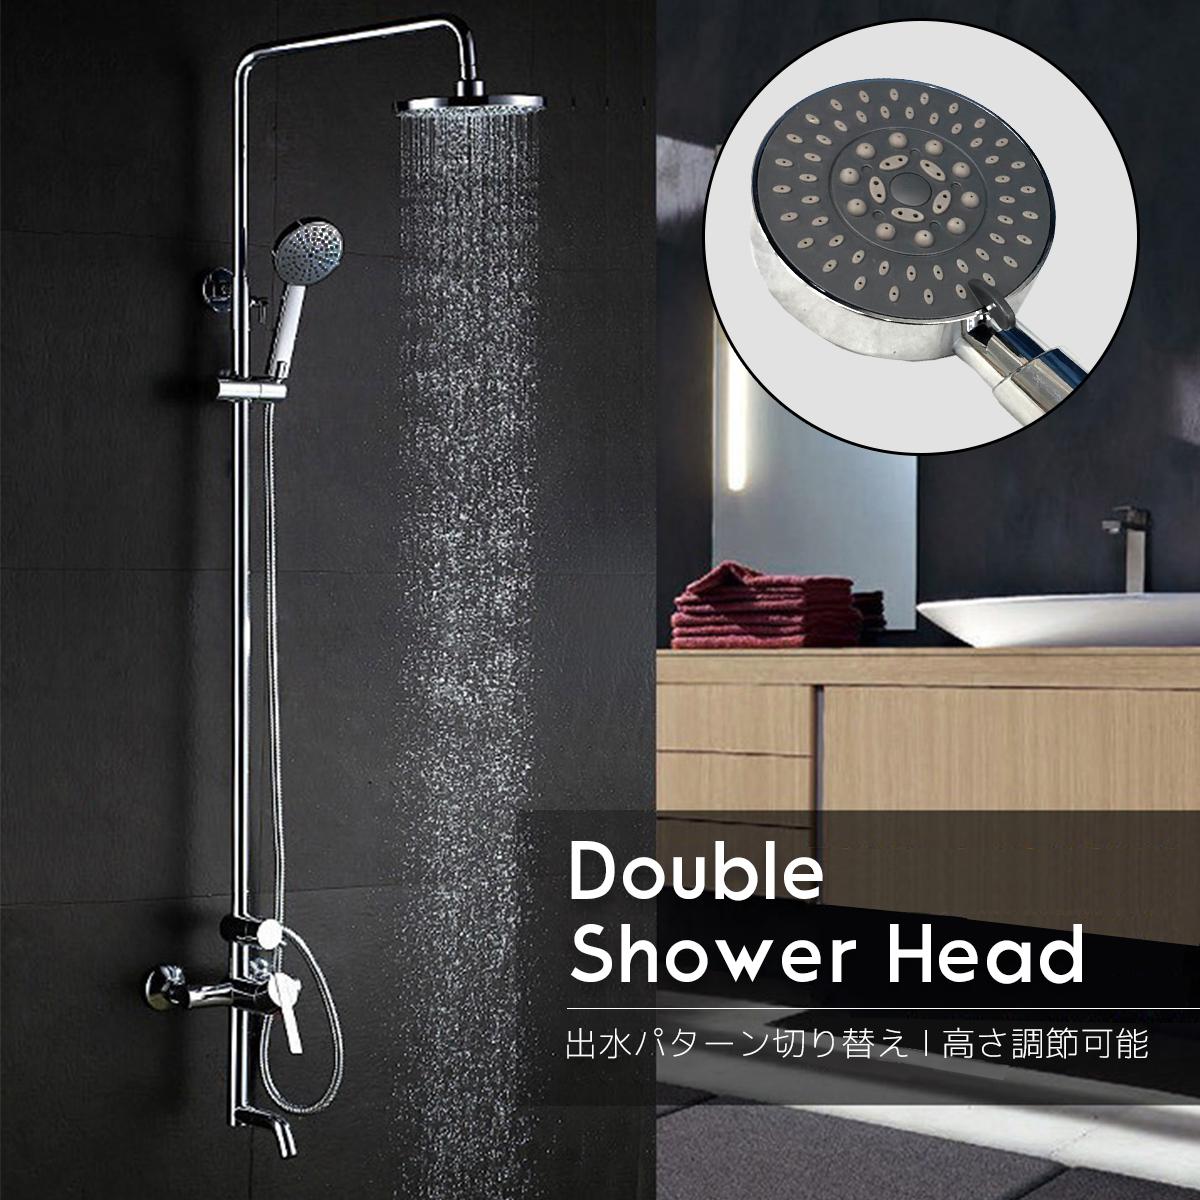 シャワーバー ダブルシャワーヘッド 混合水栓 オーバーヘッドシャワー 5段階切り替え可能 ステンレス製 リフォーム 浴室用水栓 節水 SW-02